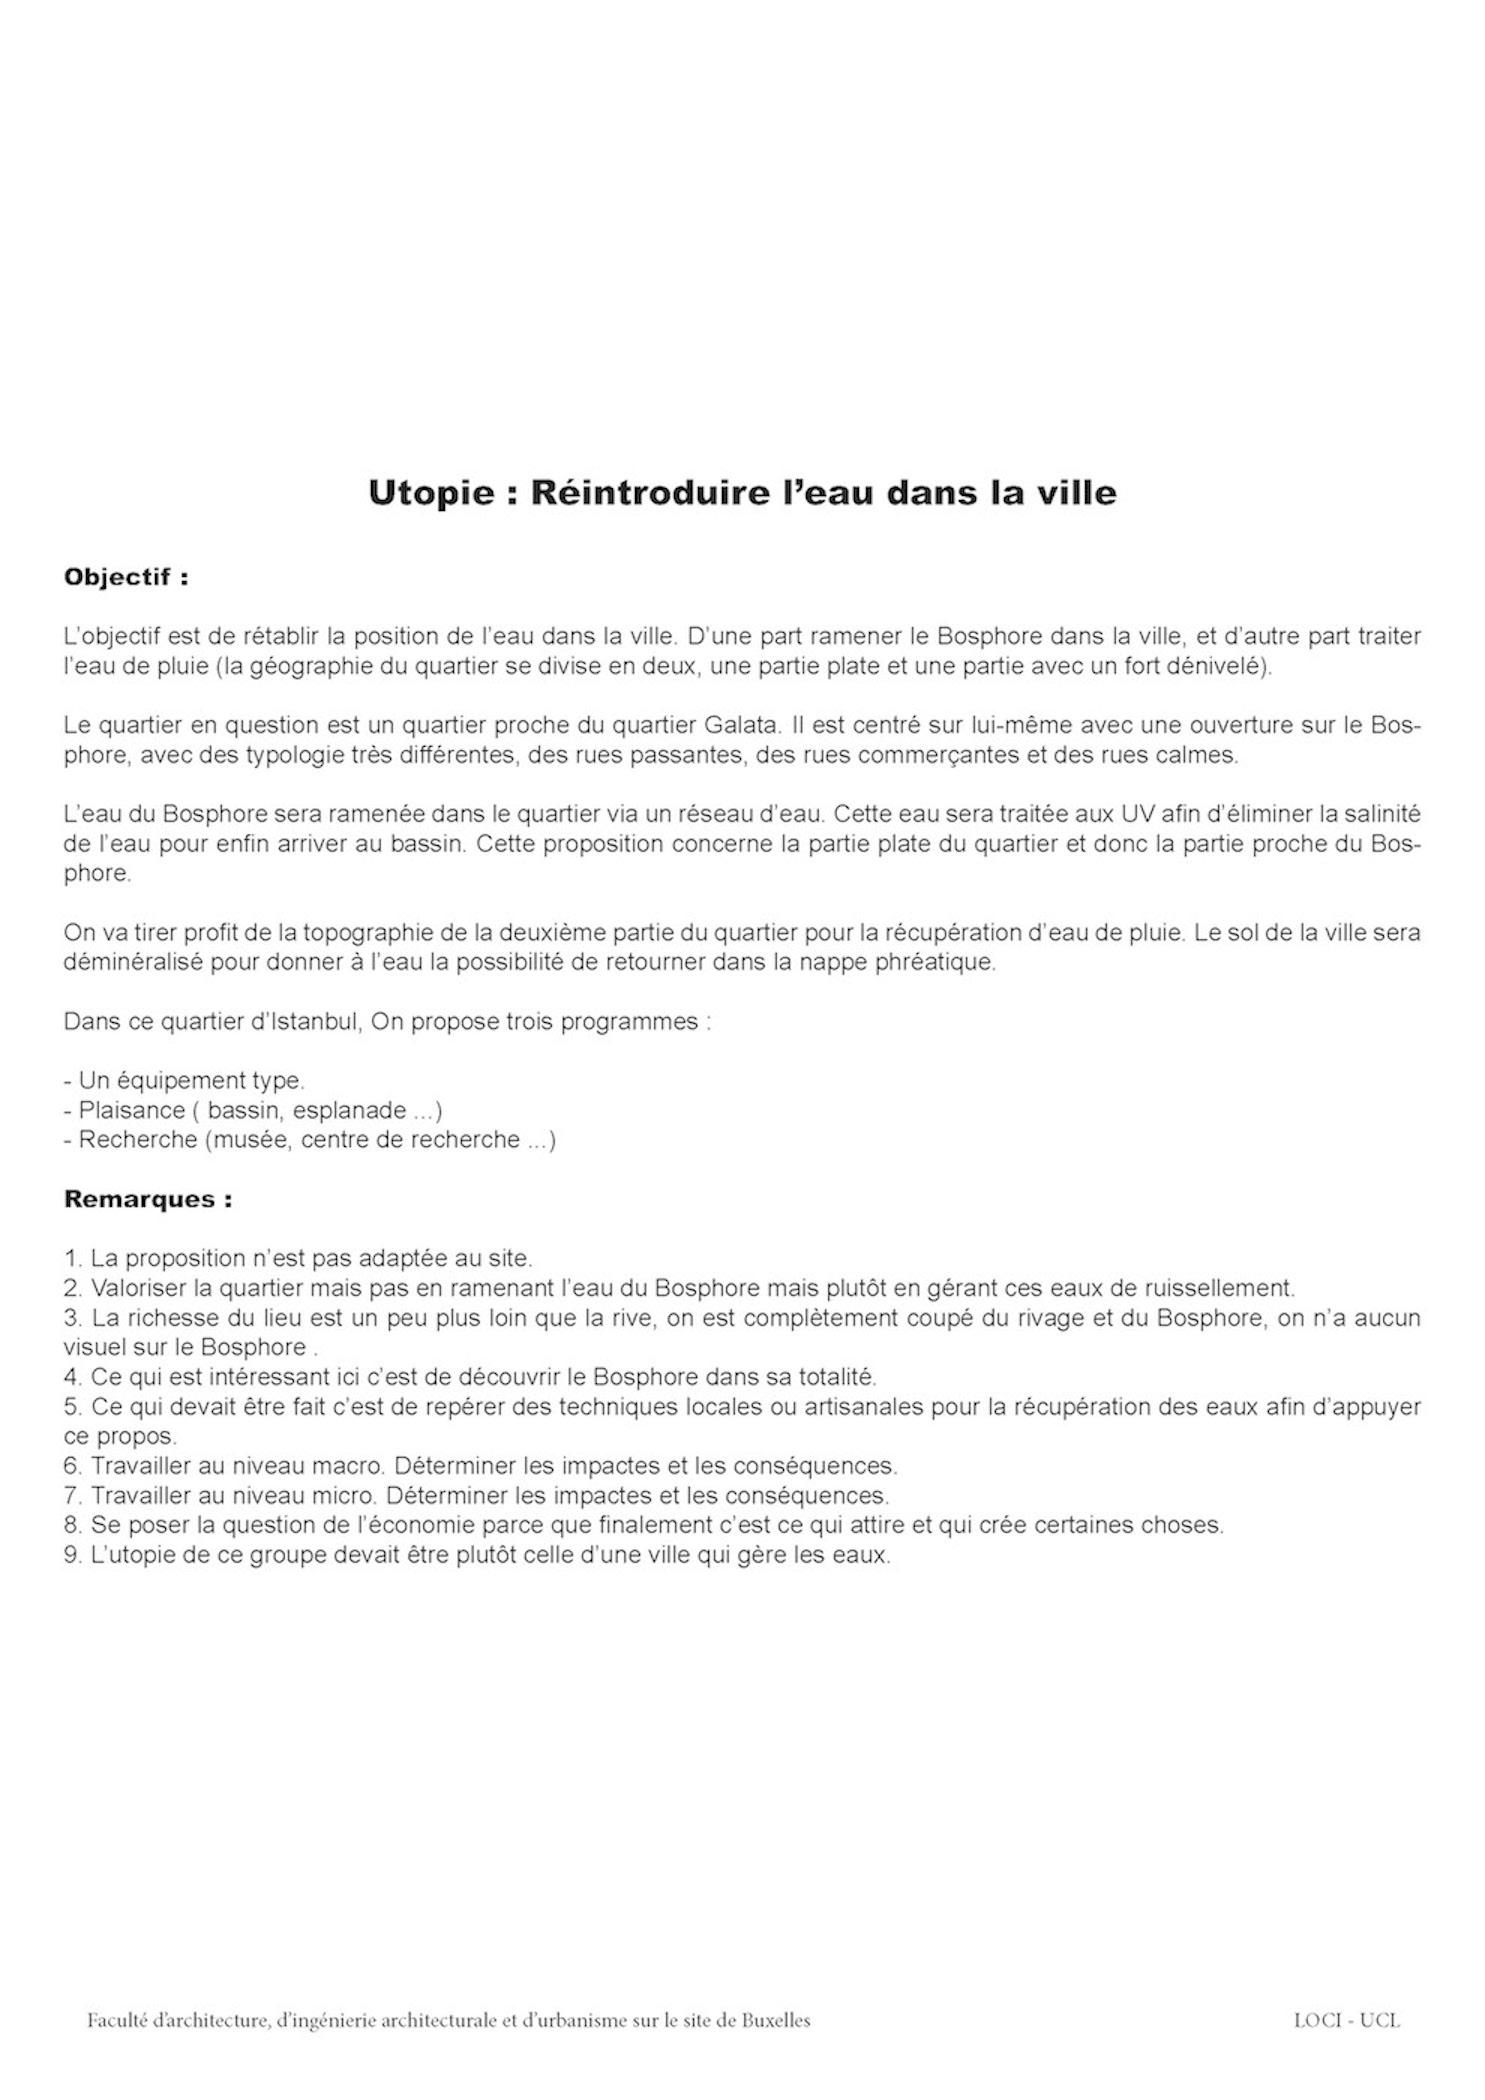 SYLLABUS MASTER PLAN_Page_44